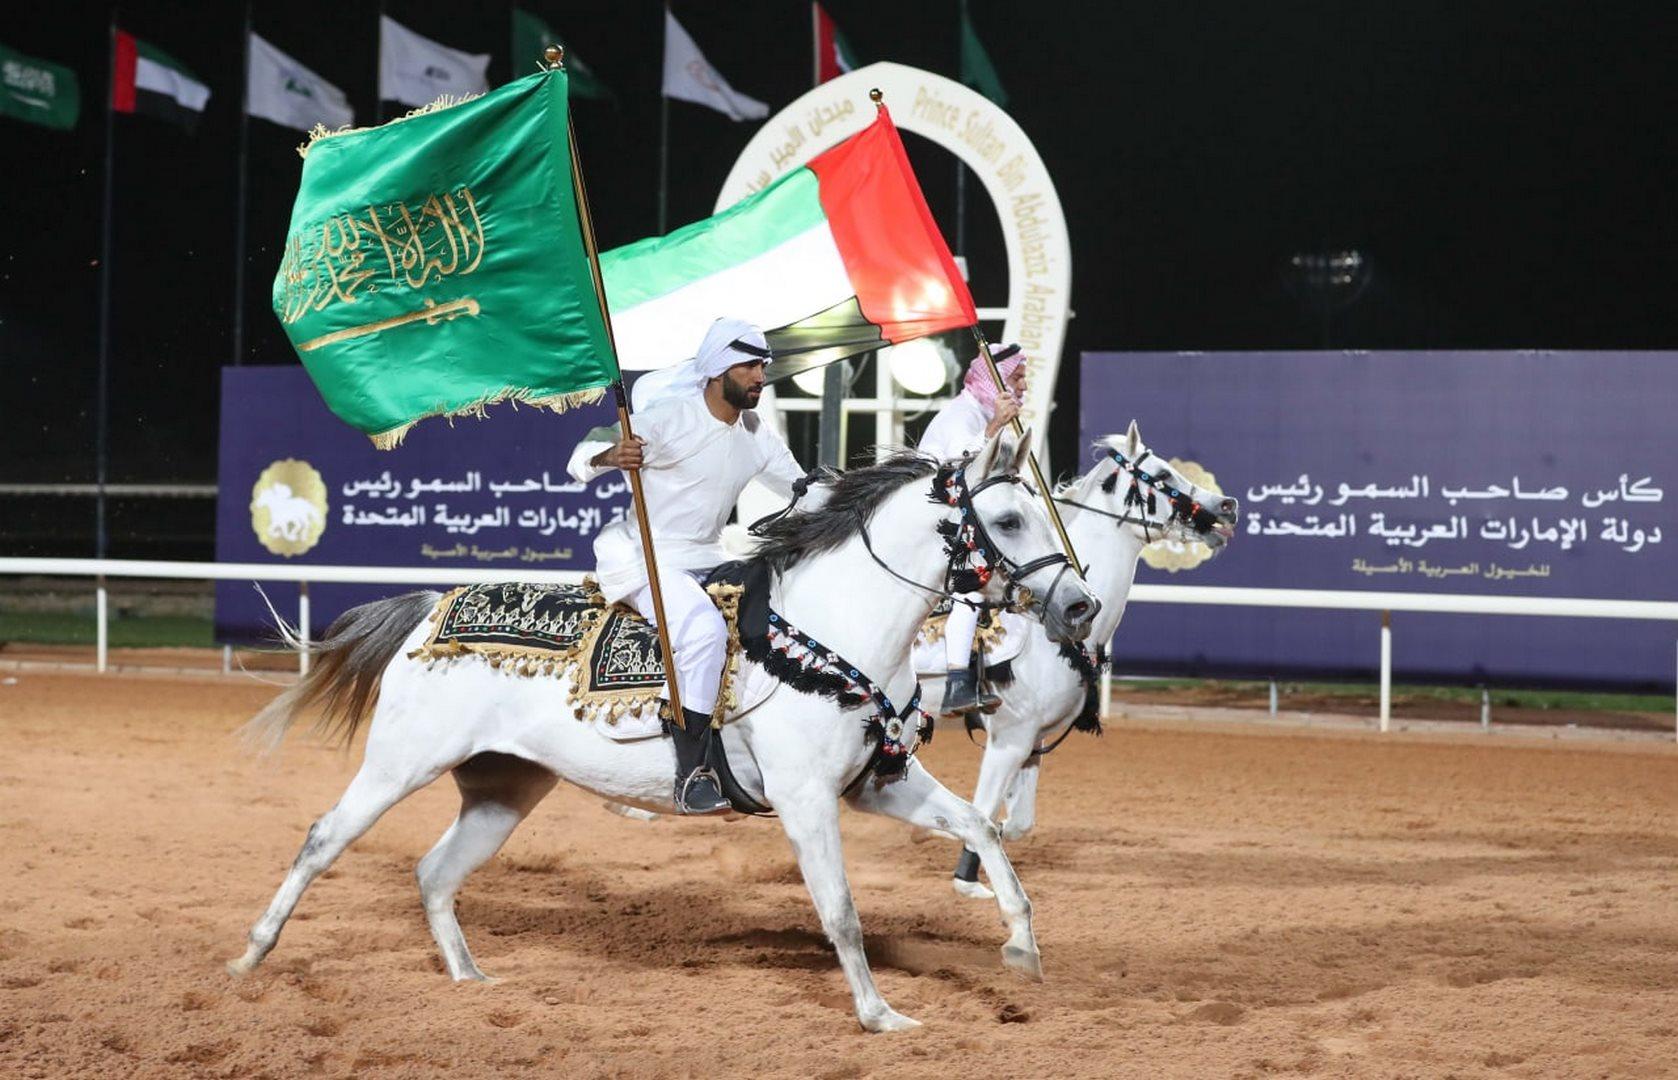 الكرنفال الختامي لكأس رئيس الدولة للخيول العربية في السعودية اليوم